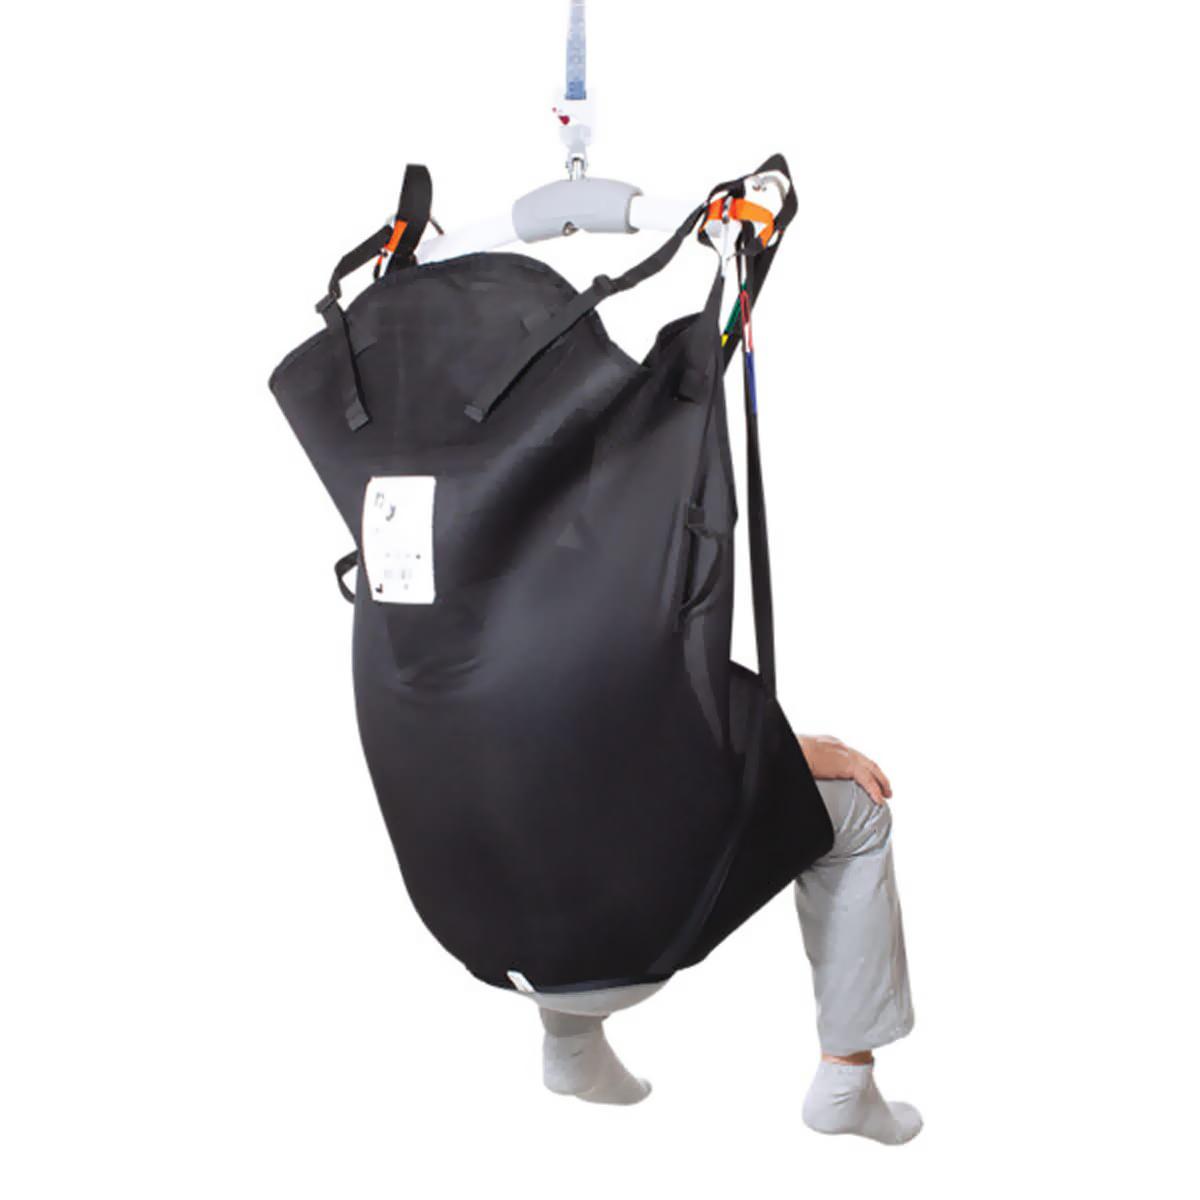 Prism Medical Universal Sling - Back